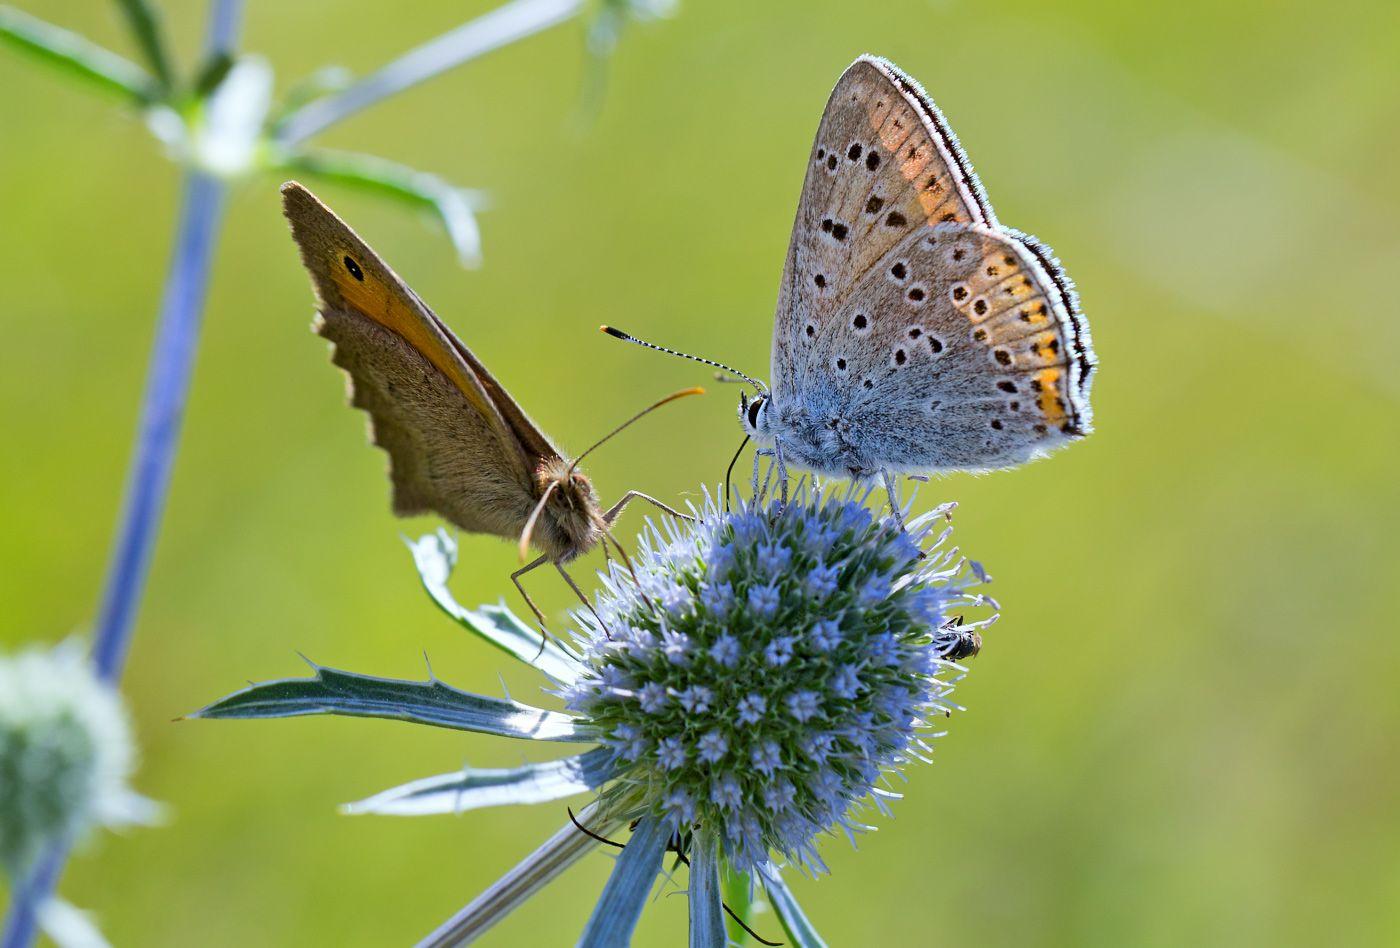 Летний сюжет (2) лето июль насекомые бабочка голубянка червонец нимфалида бархатница воловий глаз